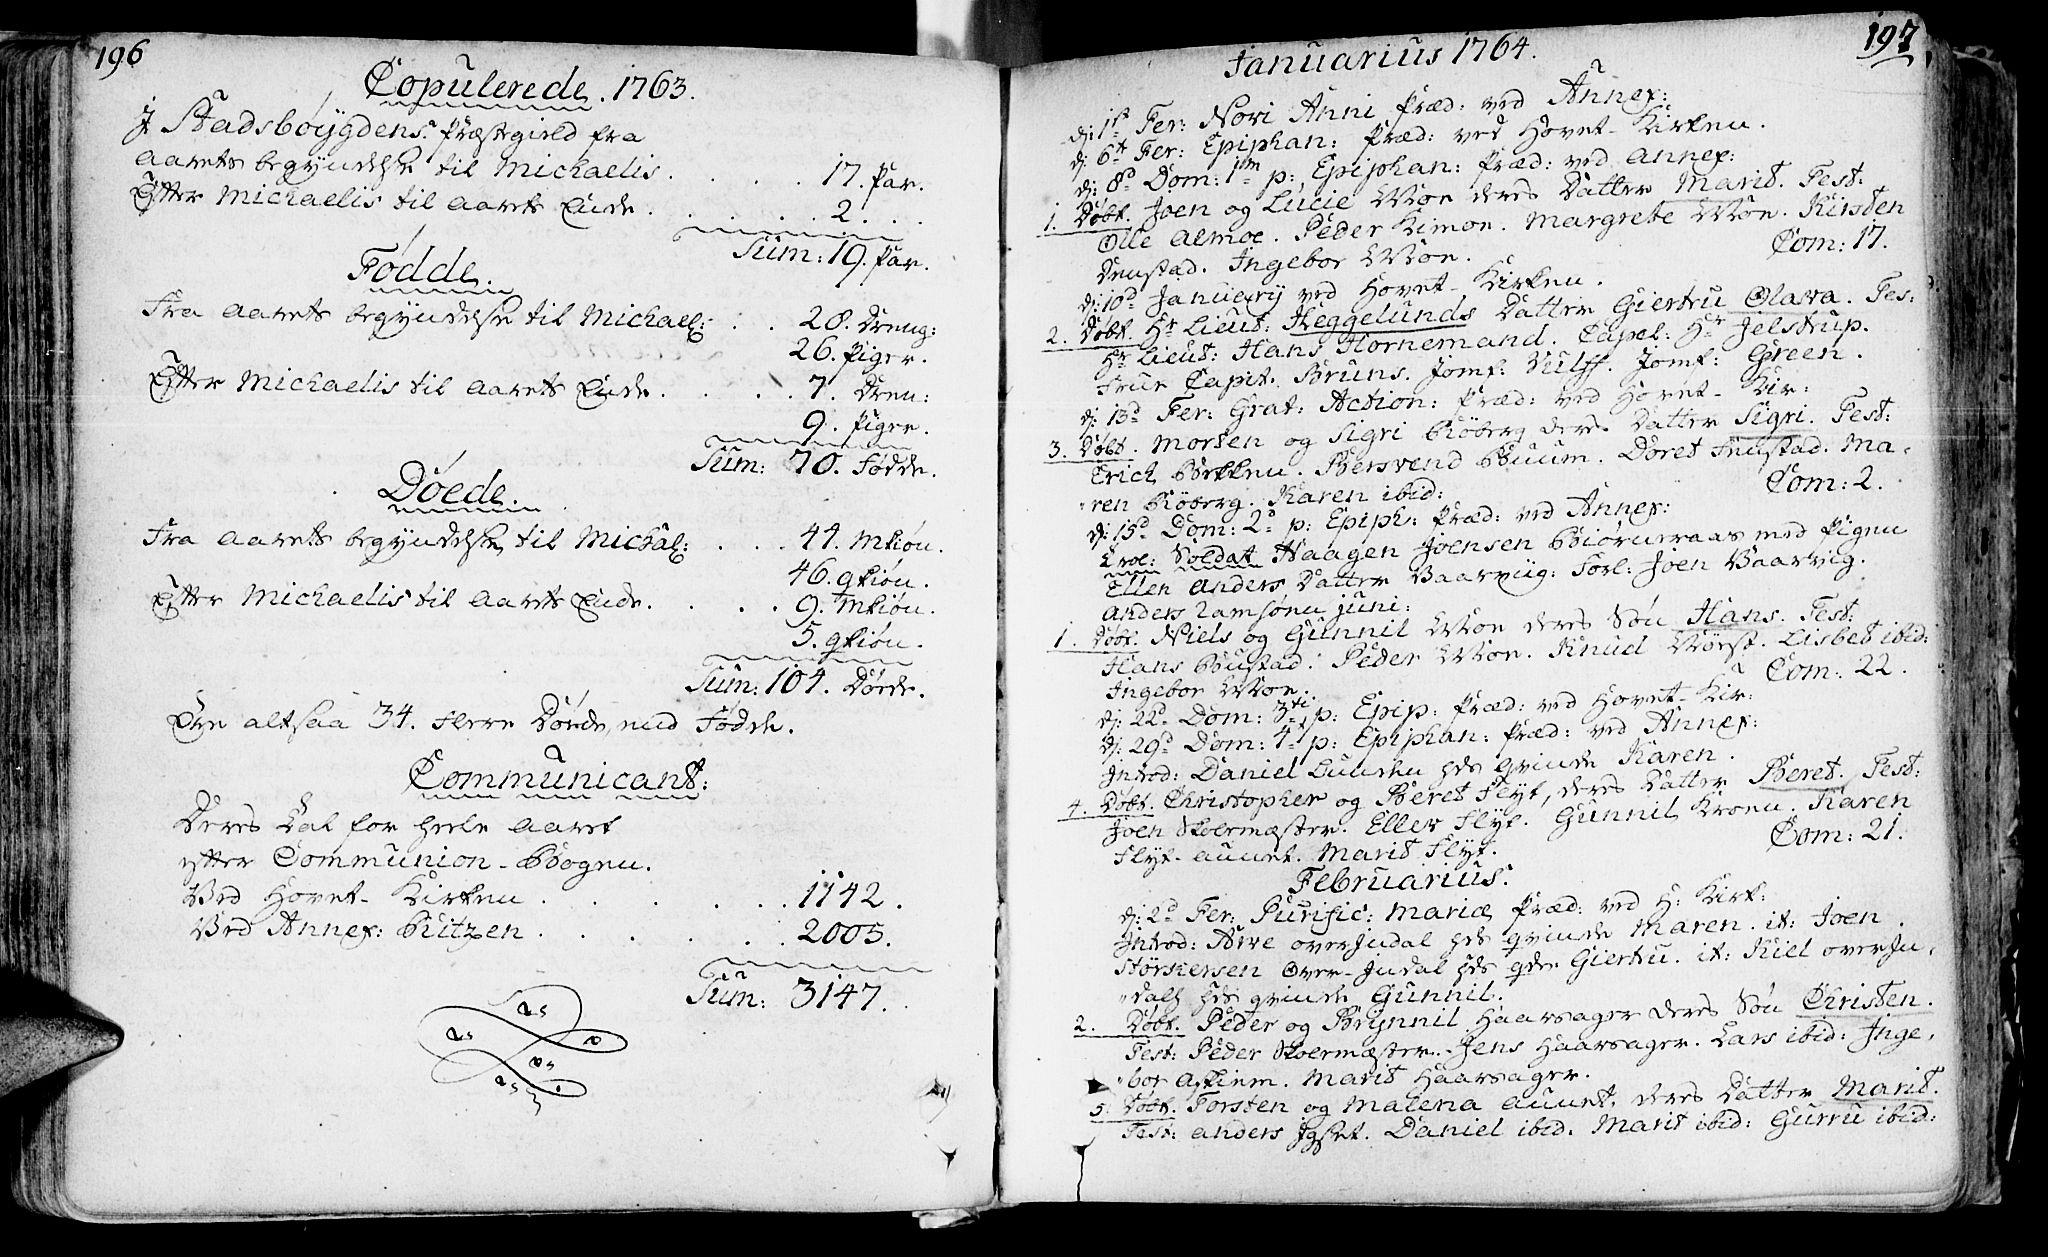 SAT, Ministerialprotokoller, klokkerbøker og fødselsregistre - Sør-Trøndelag, 646/L0605: Ministerialbok nr. 646A03, 1751-1790, s. 196-197